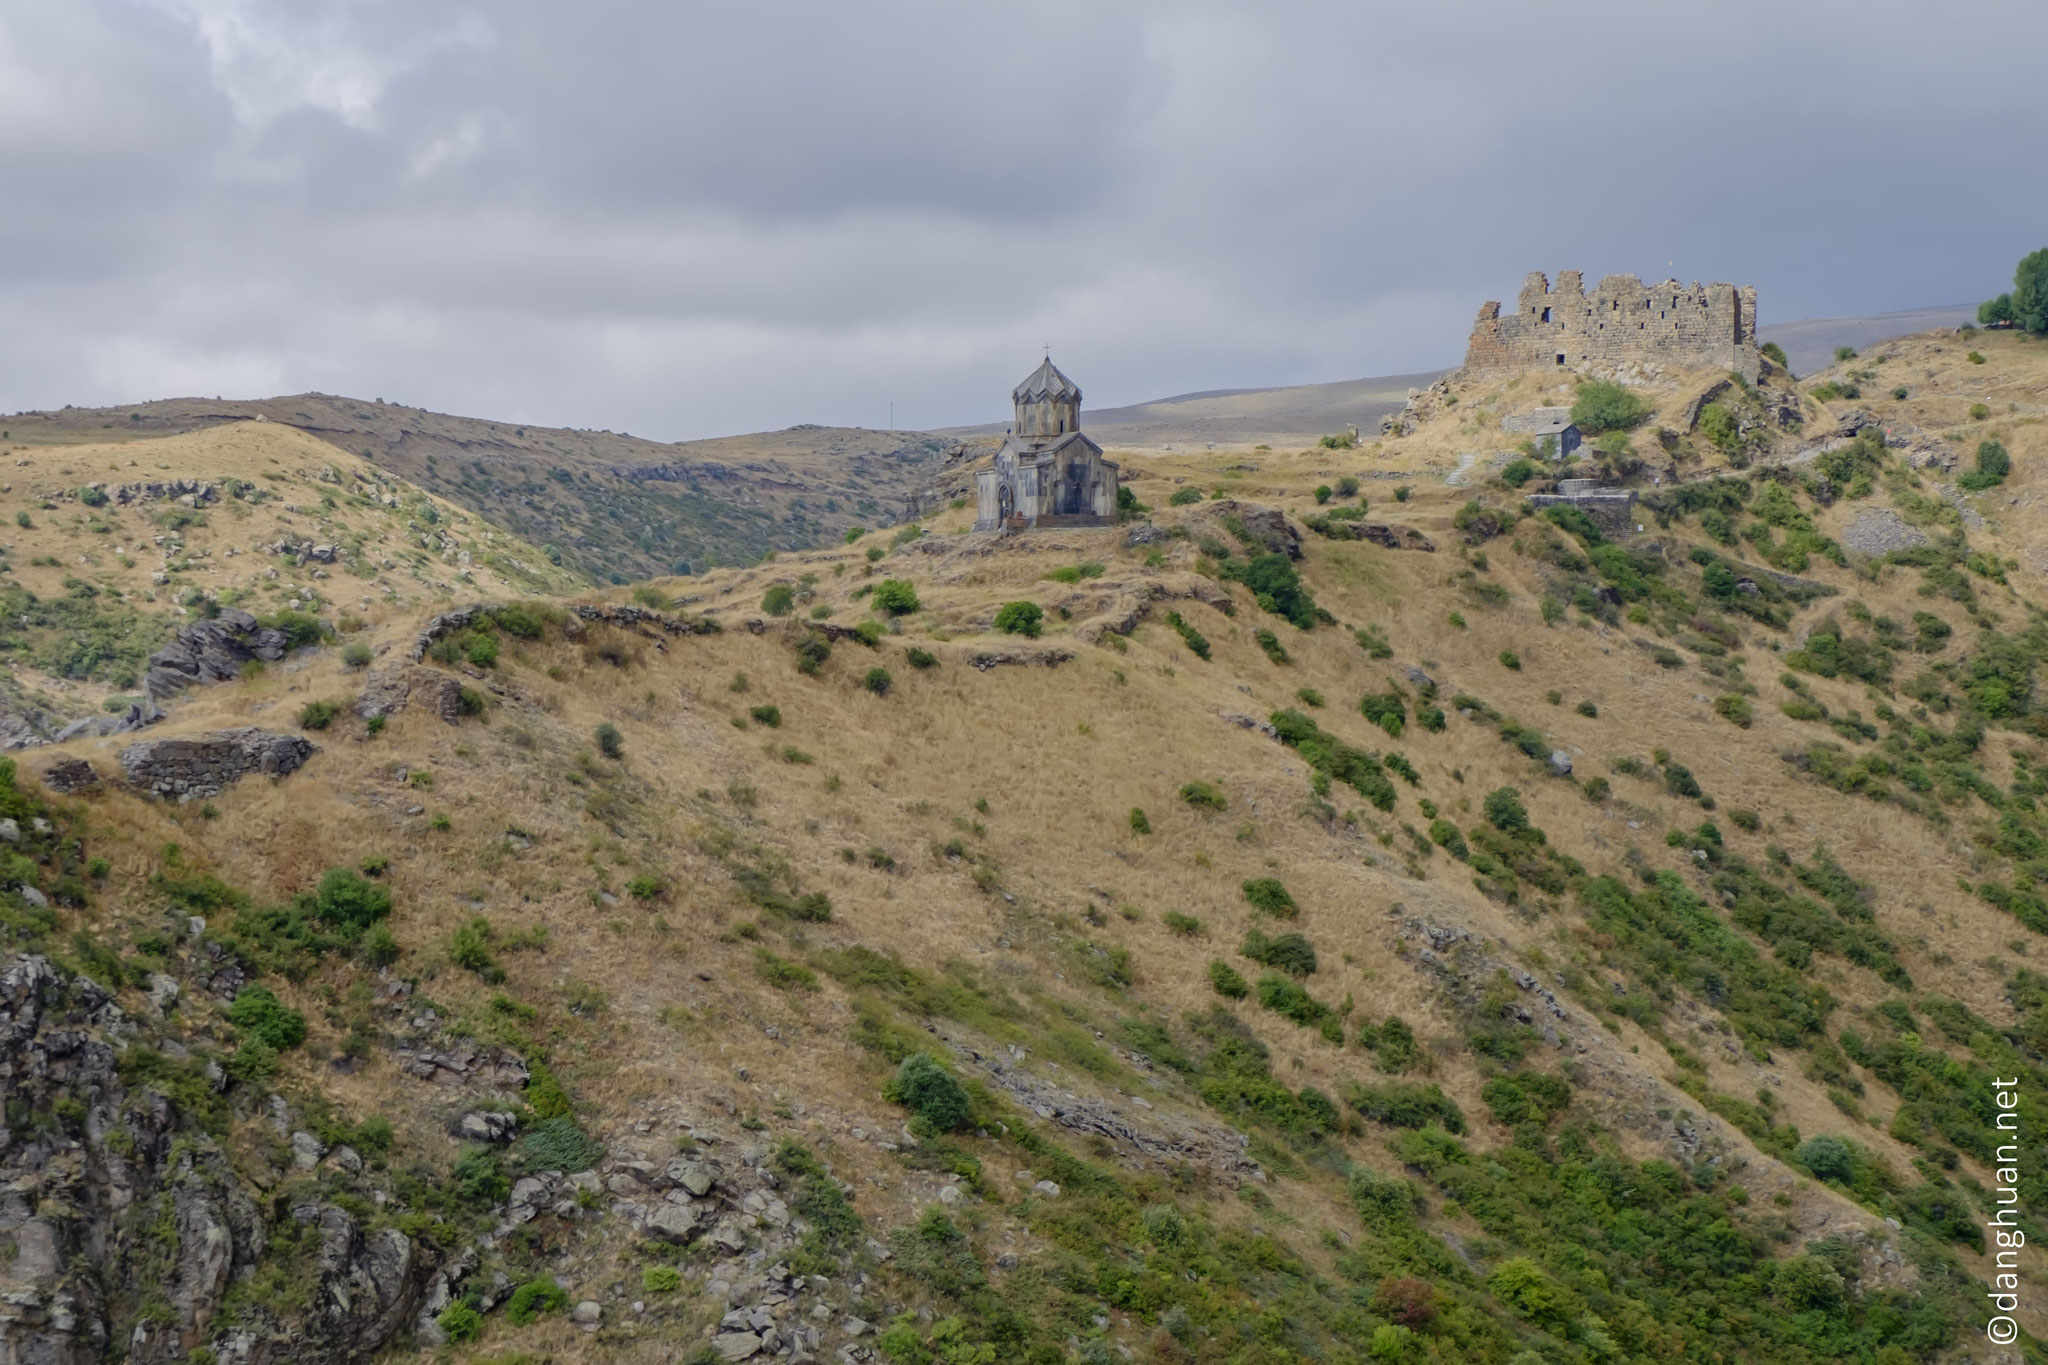 la forteresse d'Amberd s'élève sur un plateau rocheux triangulaire...